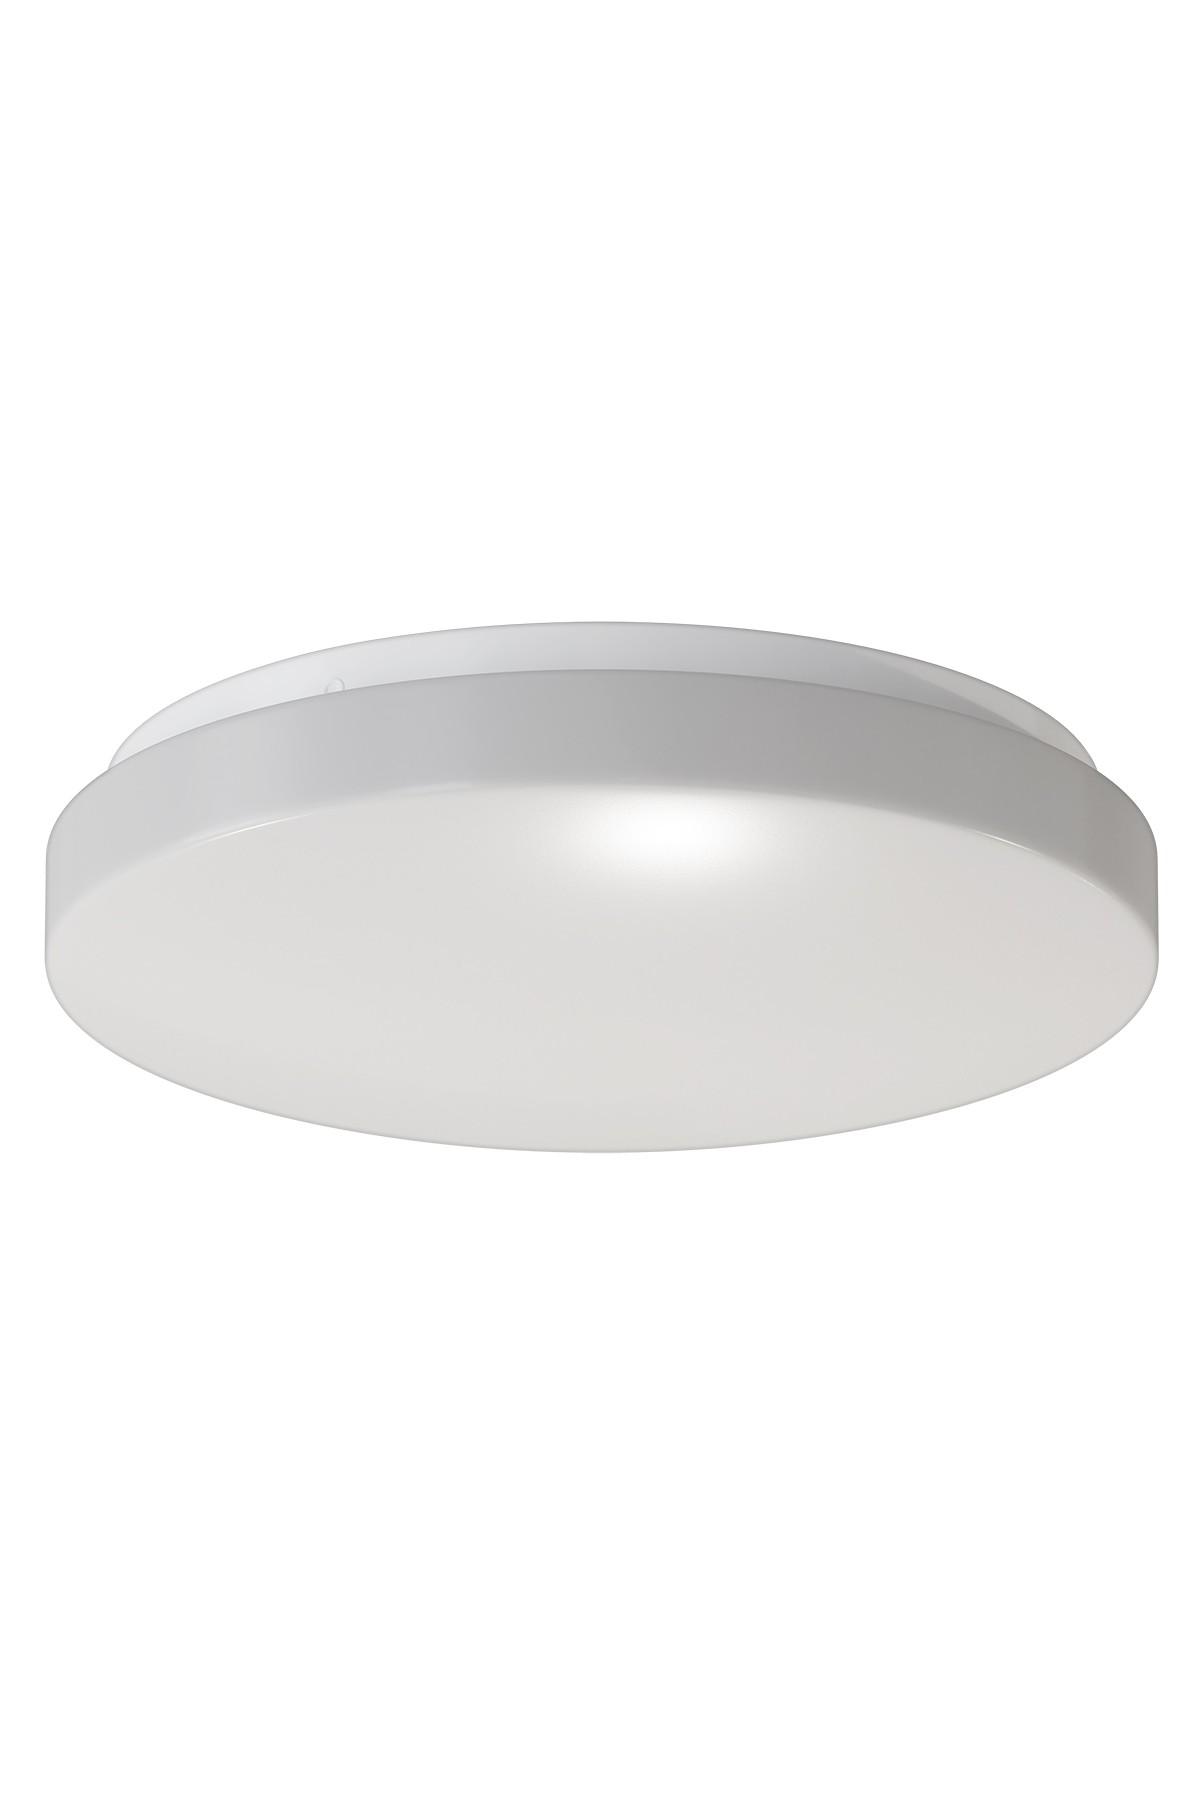 Calex 429250 Ceiling